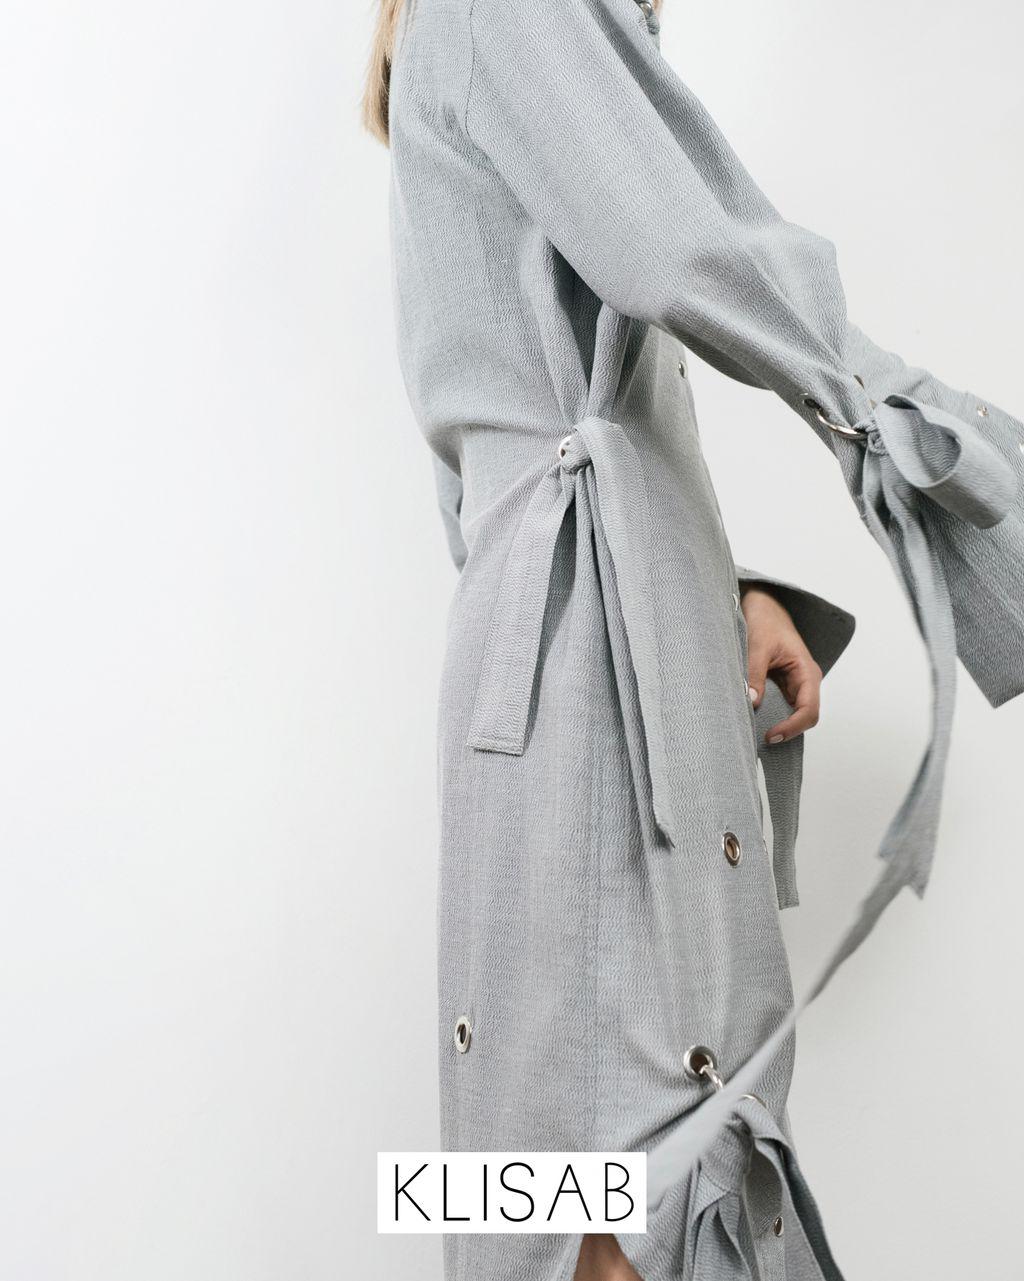 Nova jesenska kolekcija modnog brenda Klisab - 11